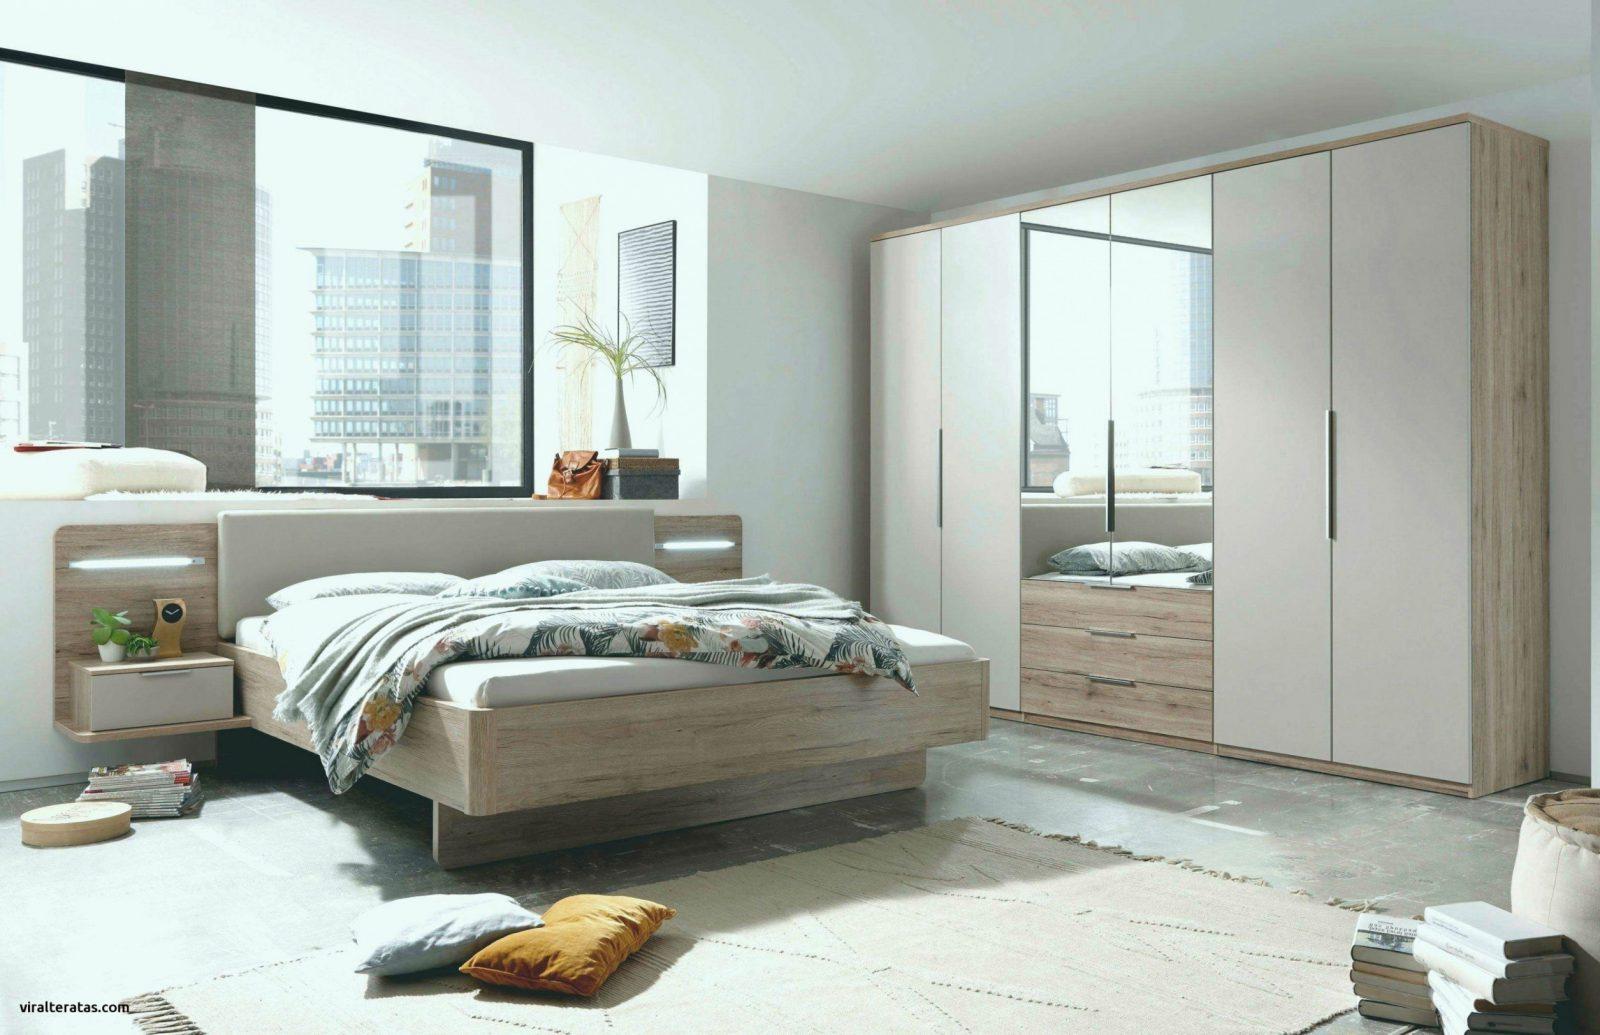 Schlafzimmer Ideen Modern — Temobardz Home Blog von Ideen Schlafzimmer Einrichten Photo